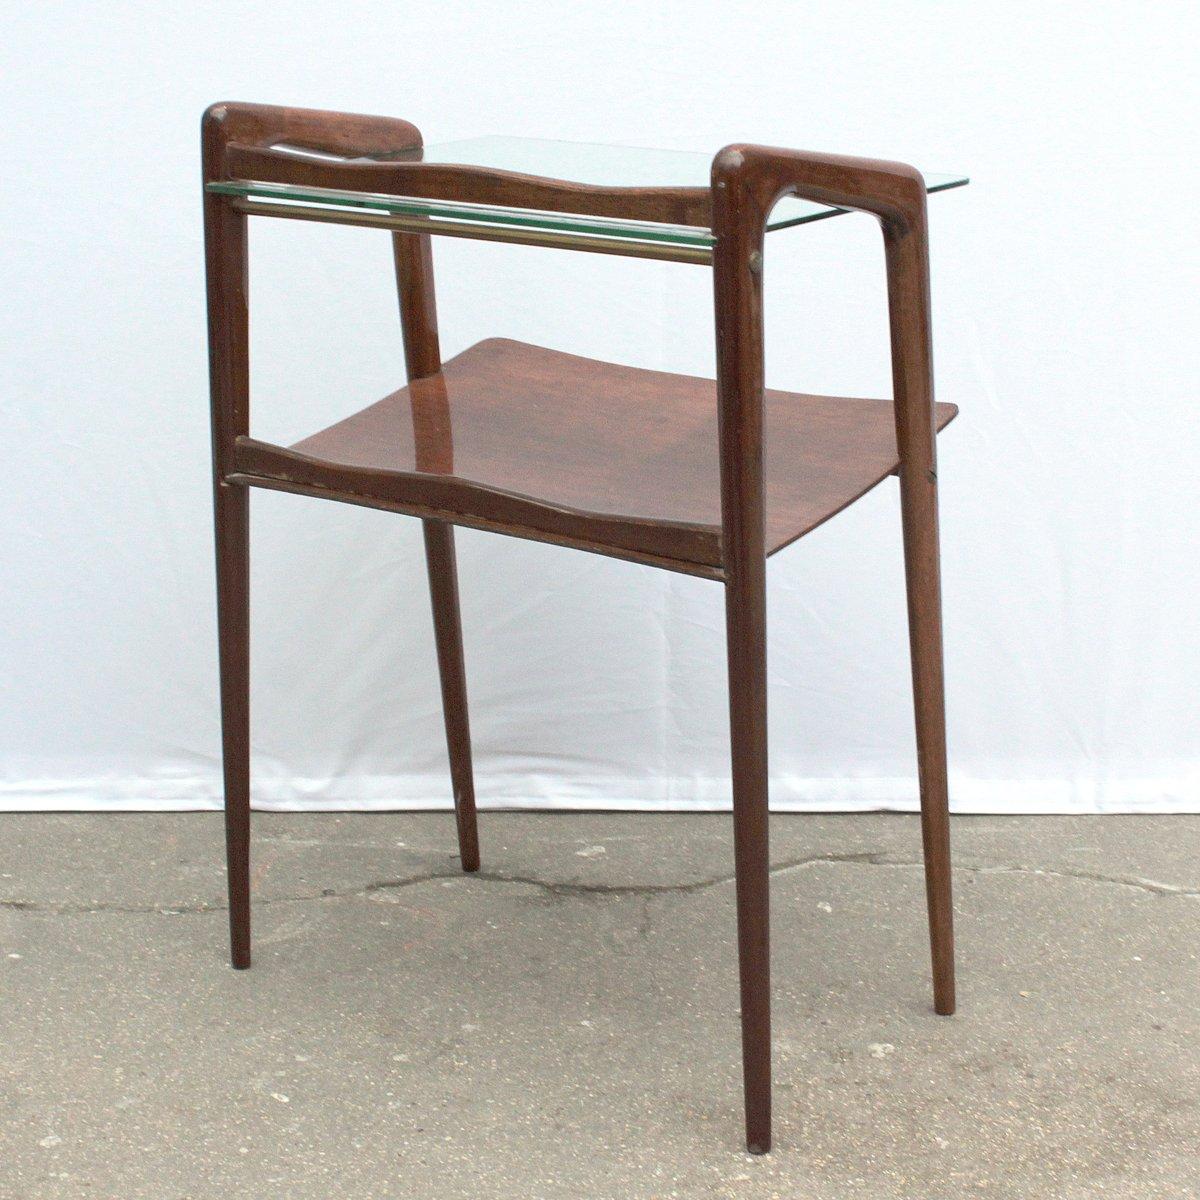 mid century beistelltisch aus holz glas bei pamono kaufen. Black Bedroom Furniture Sets. Home Design Ideas